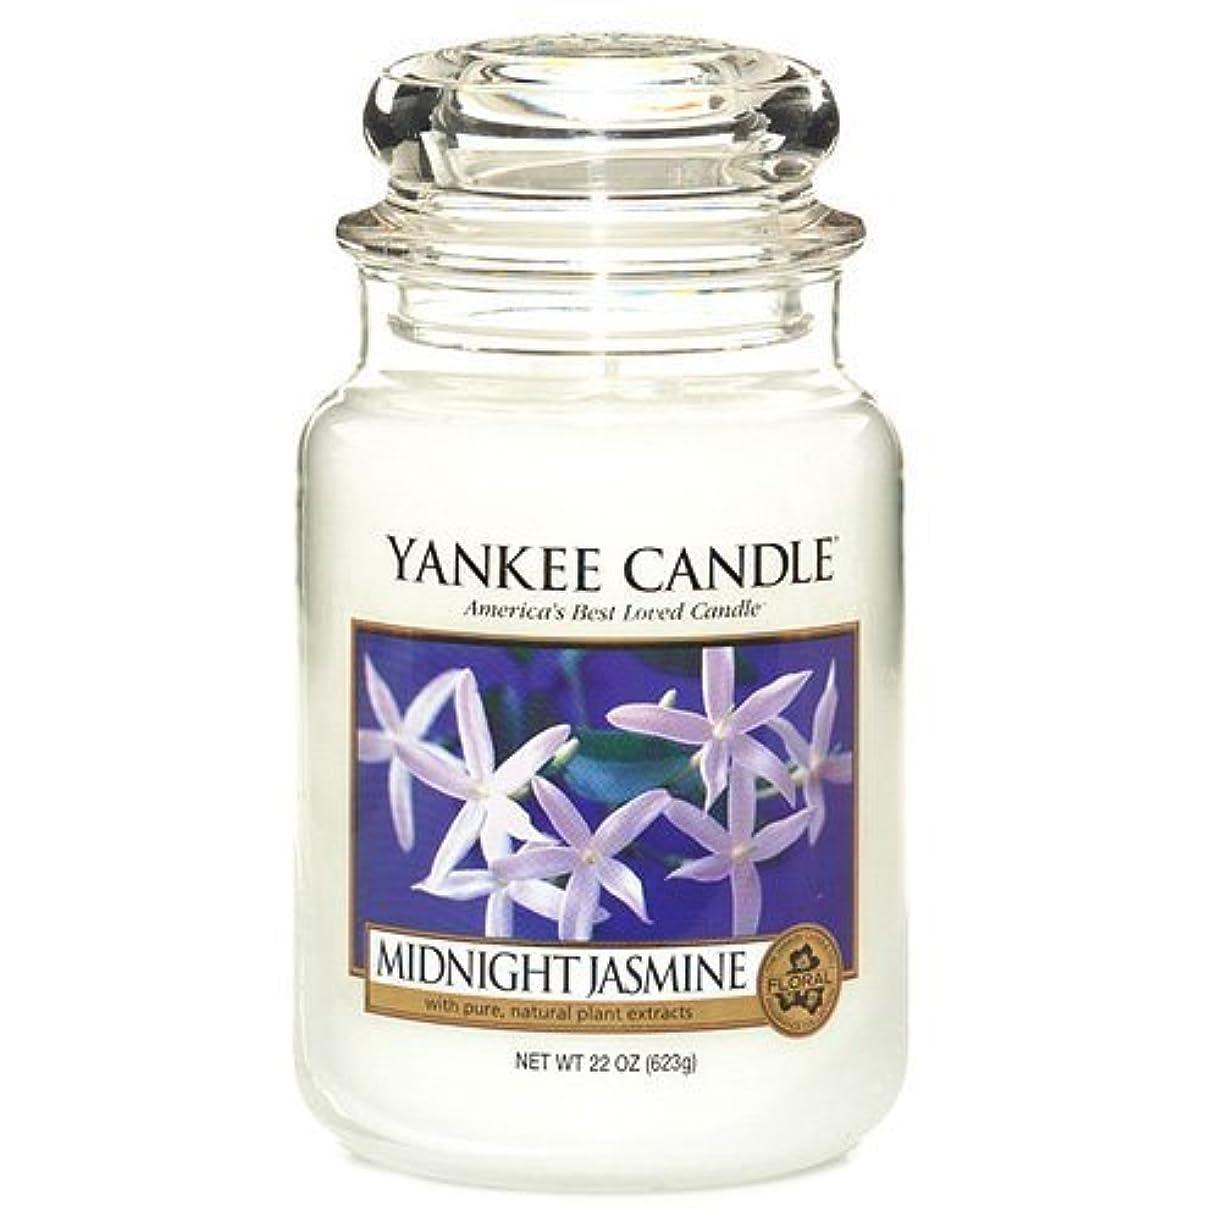 彼女は笑いラテンYankee Candle Housewarmer Jar (Midnight Jasmine) - Large (22 oz) by Yankee Candle [並行輸入品]